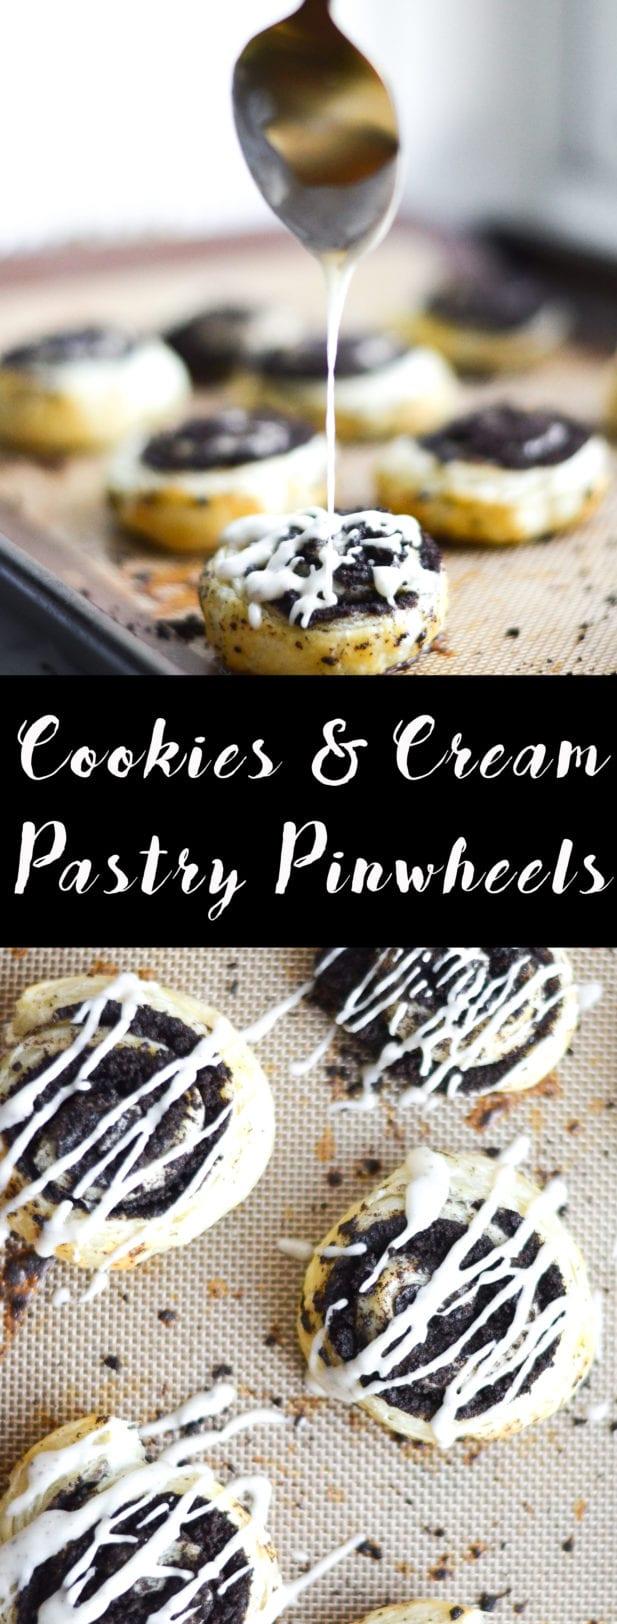 Cookies and Cream Pastry Swirls